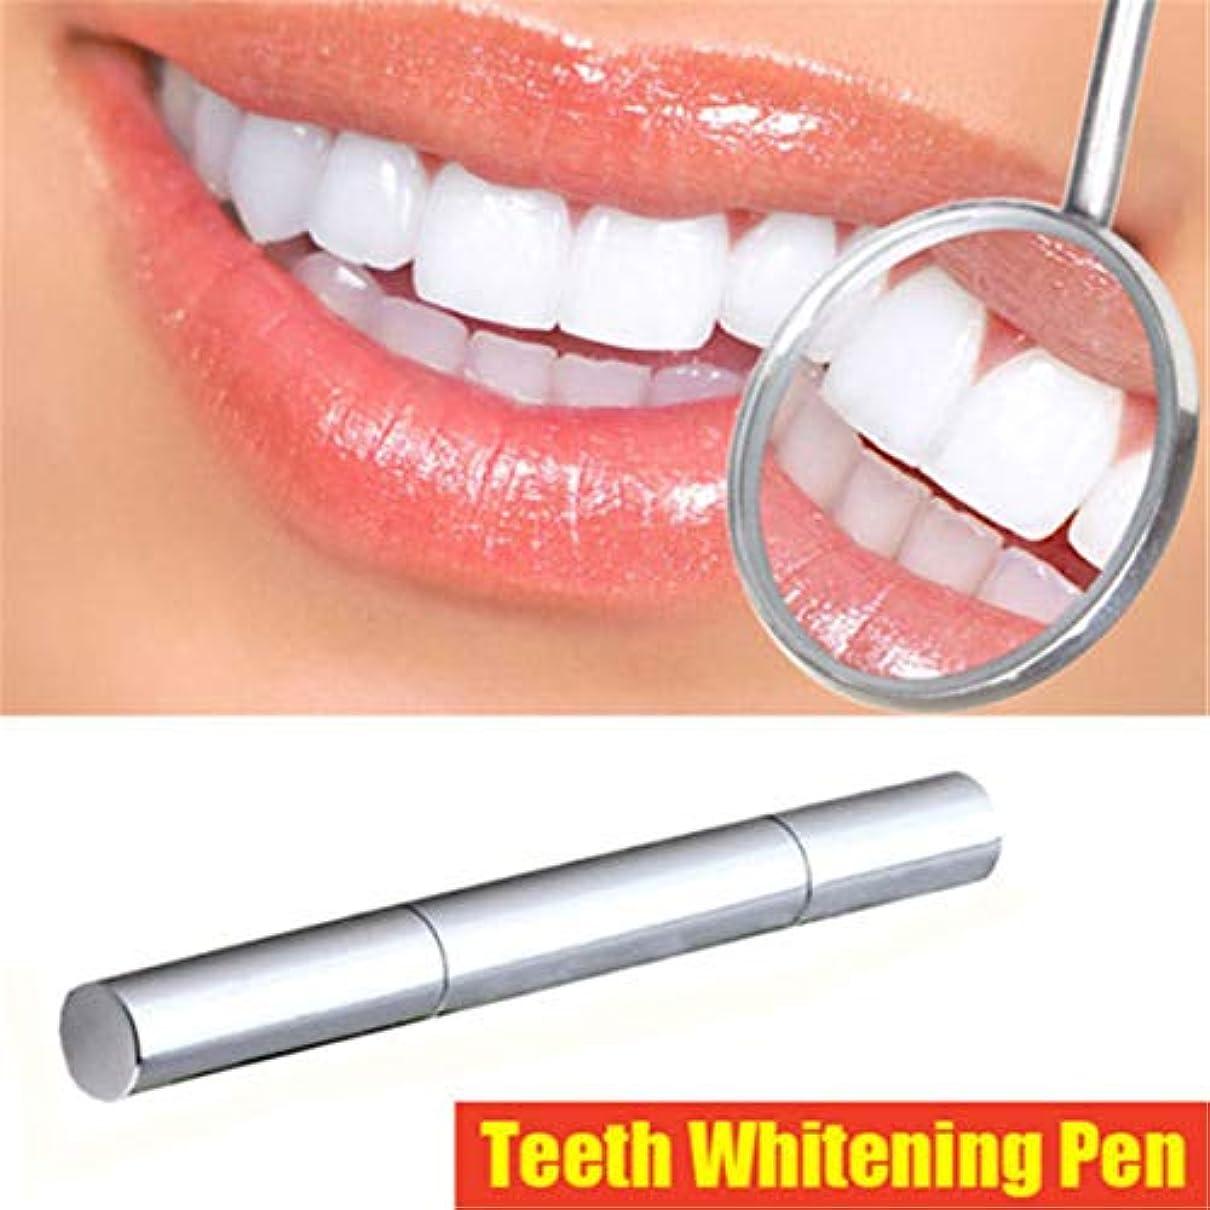 評決まつげ鼓舞するホワイトニングペン  美白歯ゲル 歯ジェル 美白ゲル デンタルケア  携帯便利  歯の白い漂白剤 口腔洗浄ツール 口腔衛生 口臭防止